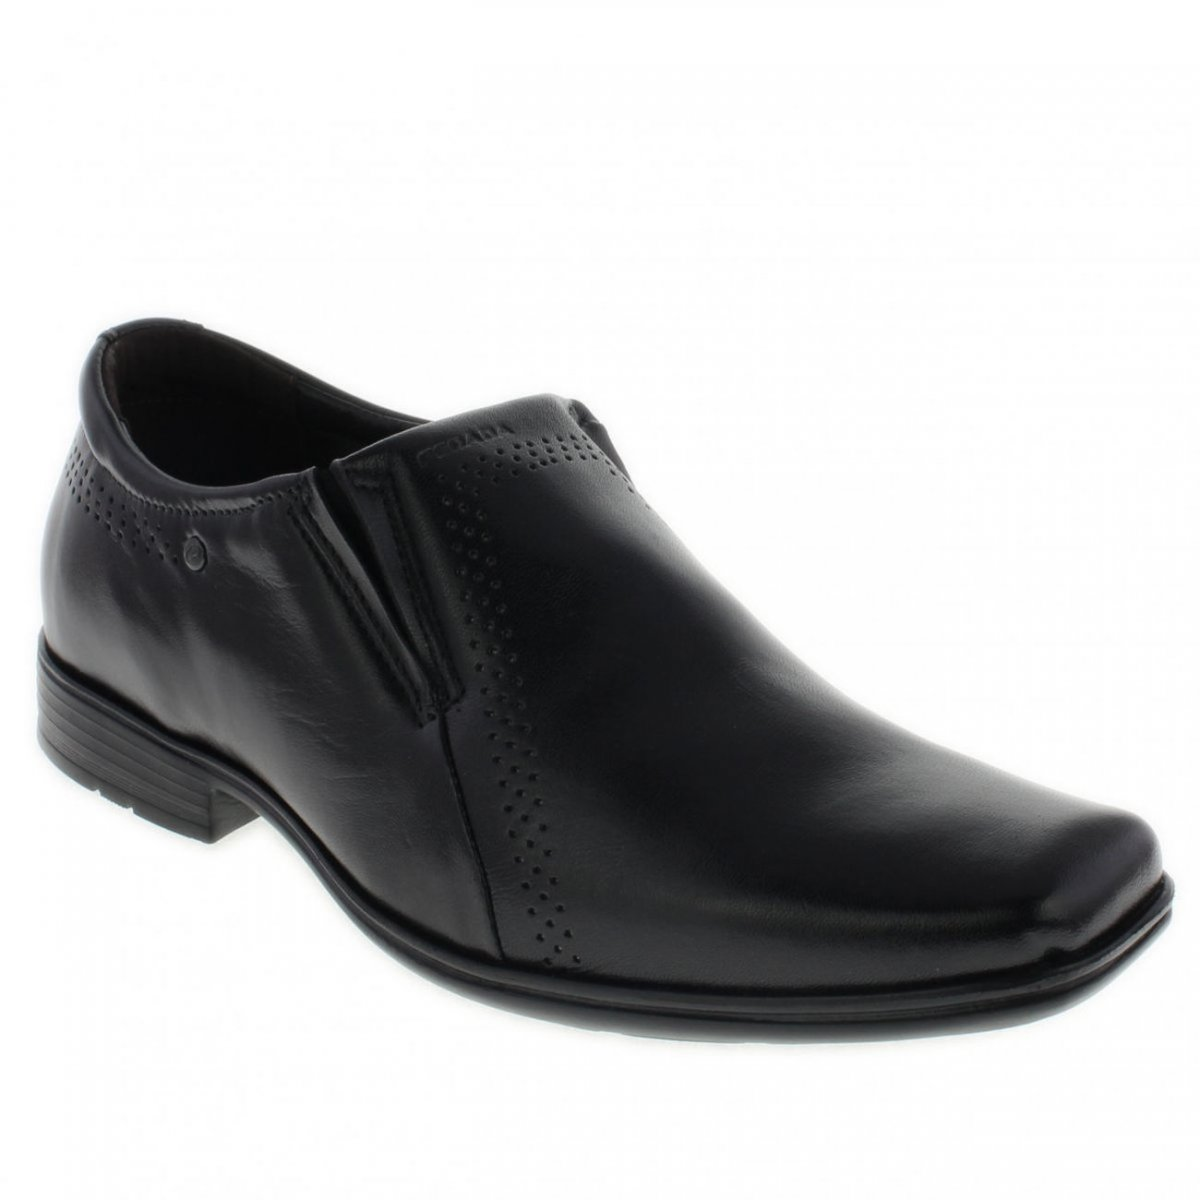 c5c02d7aa41 Sapato Social Pegada Levitech 122314-01 - Preto (Mestiço) - Calçados ...